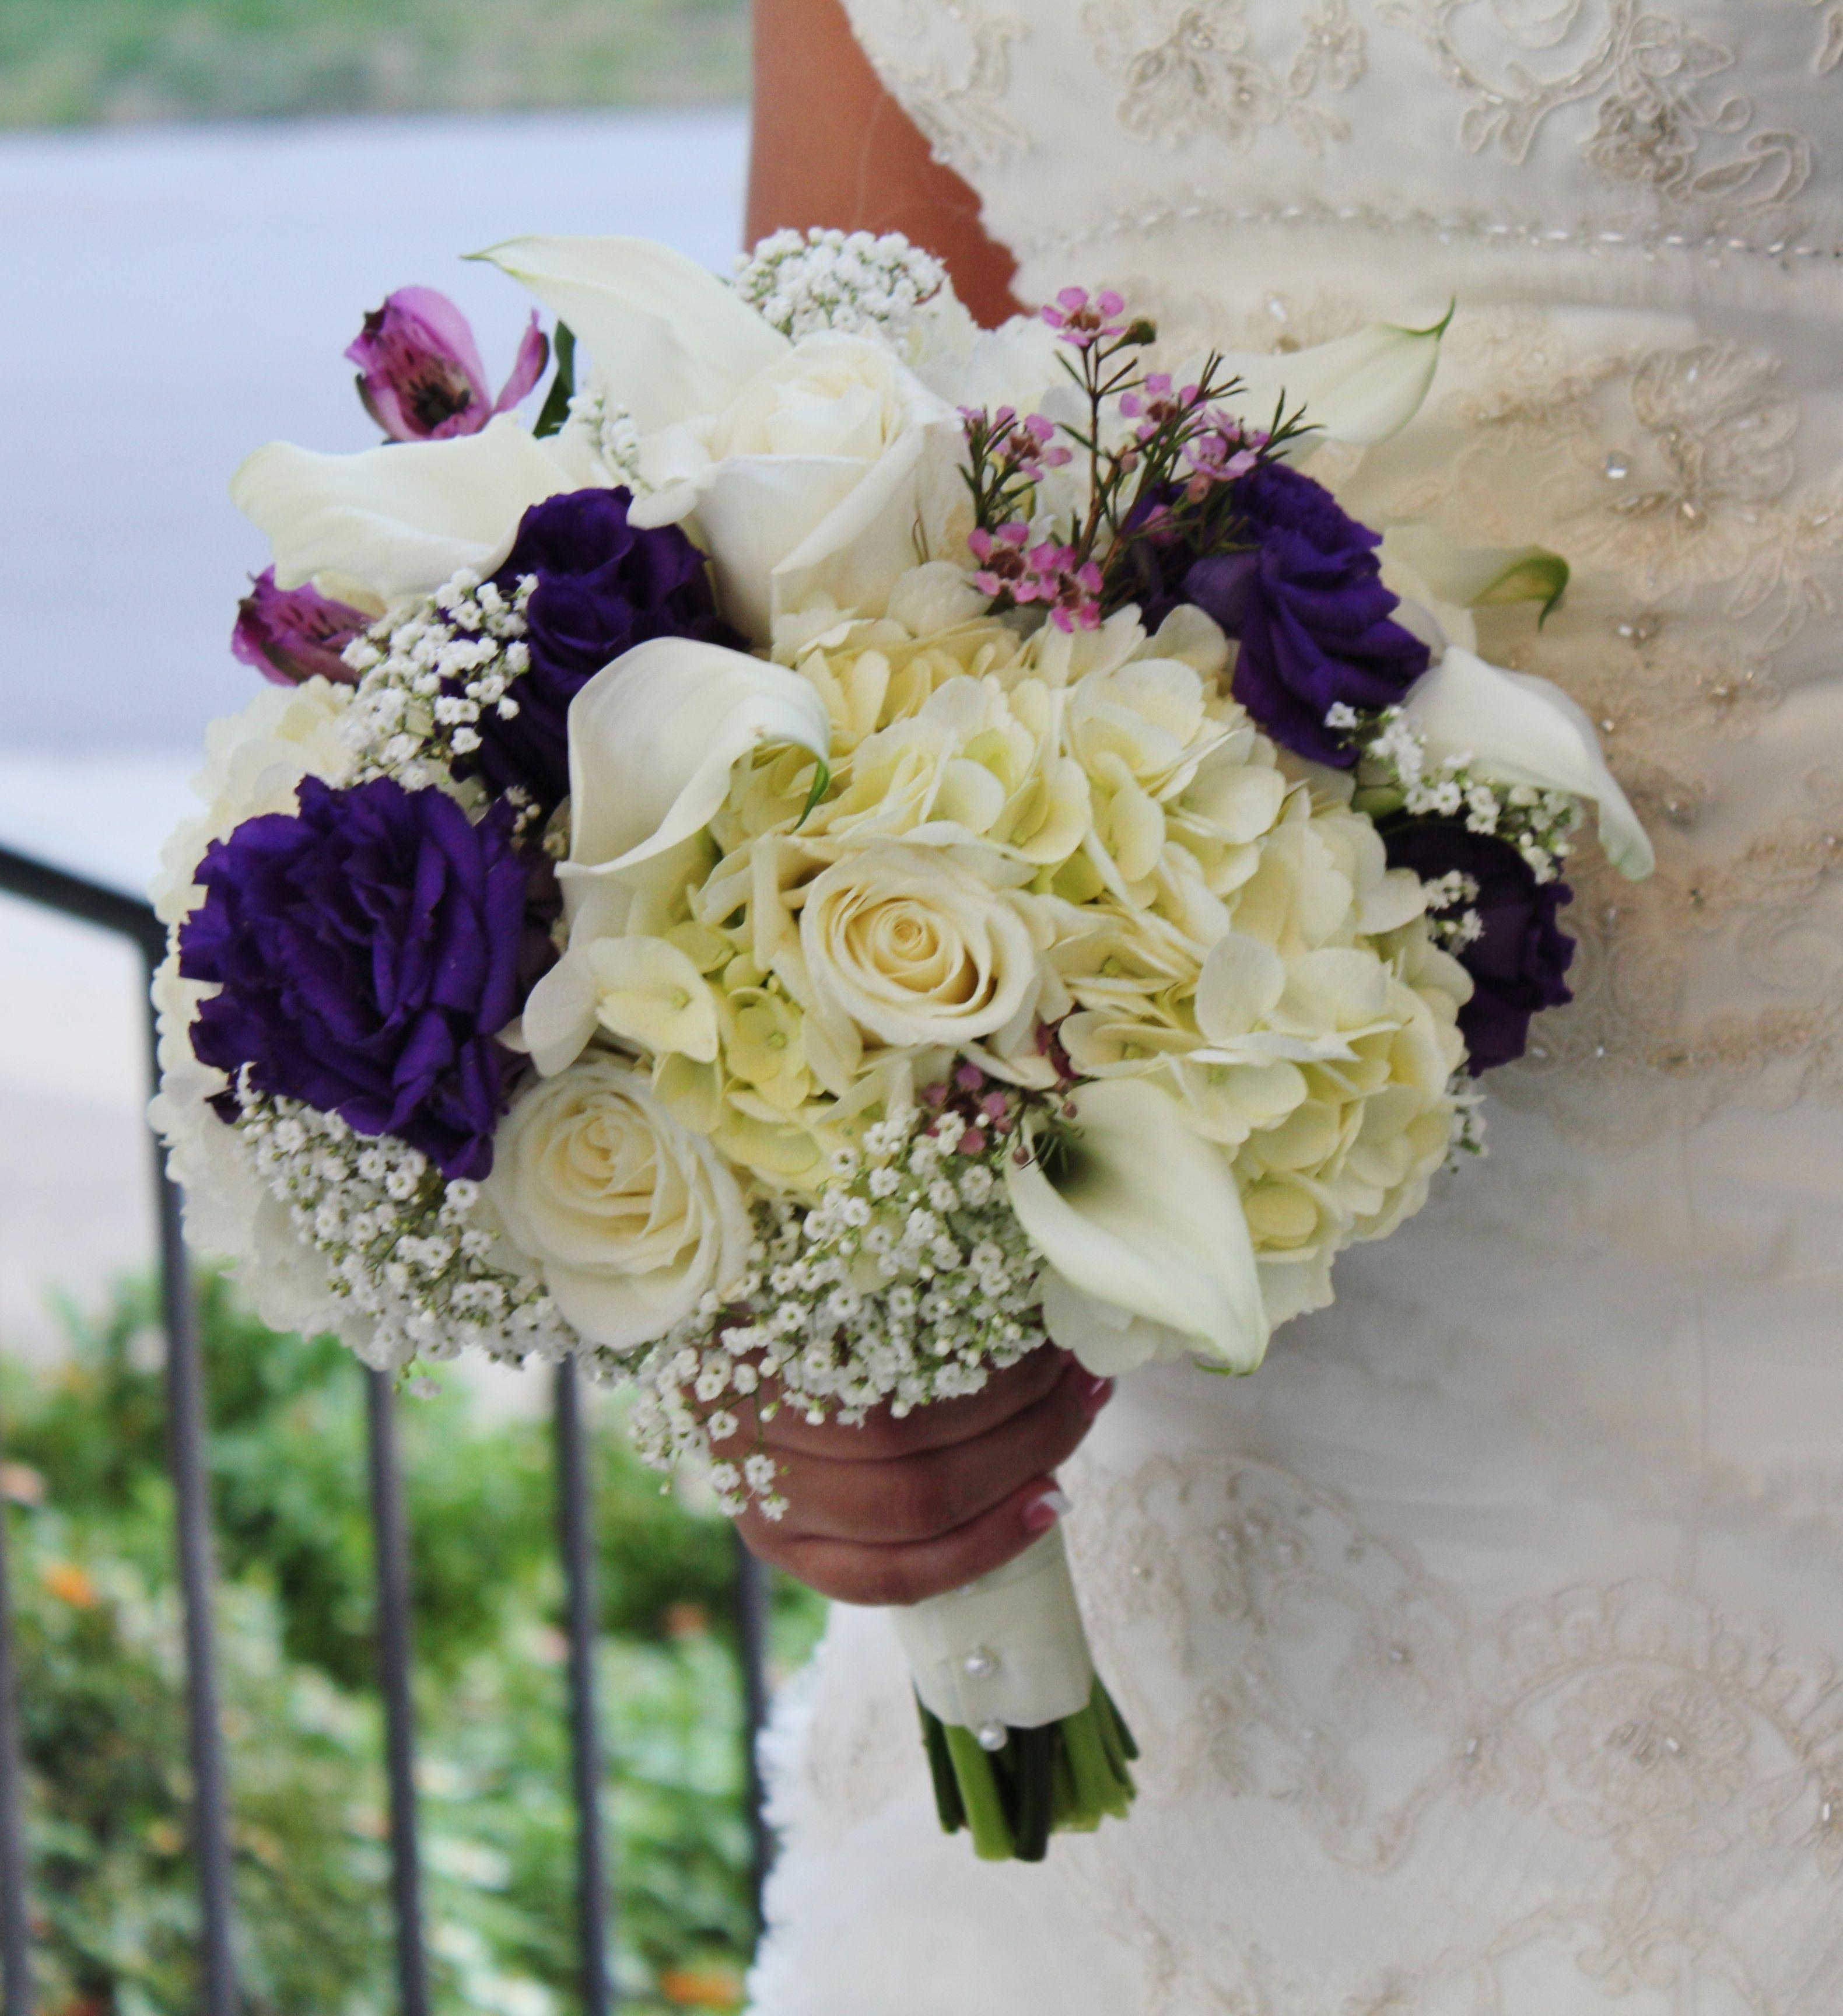 Purple and white by Rockwall Wedding Chapel rockwallchapel